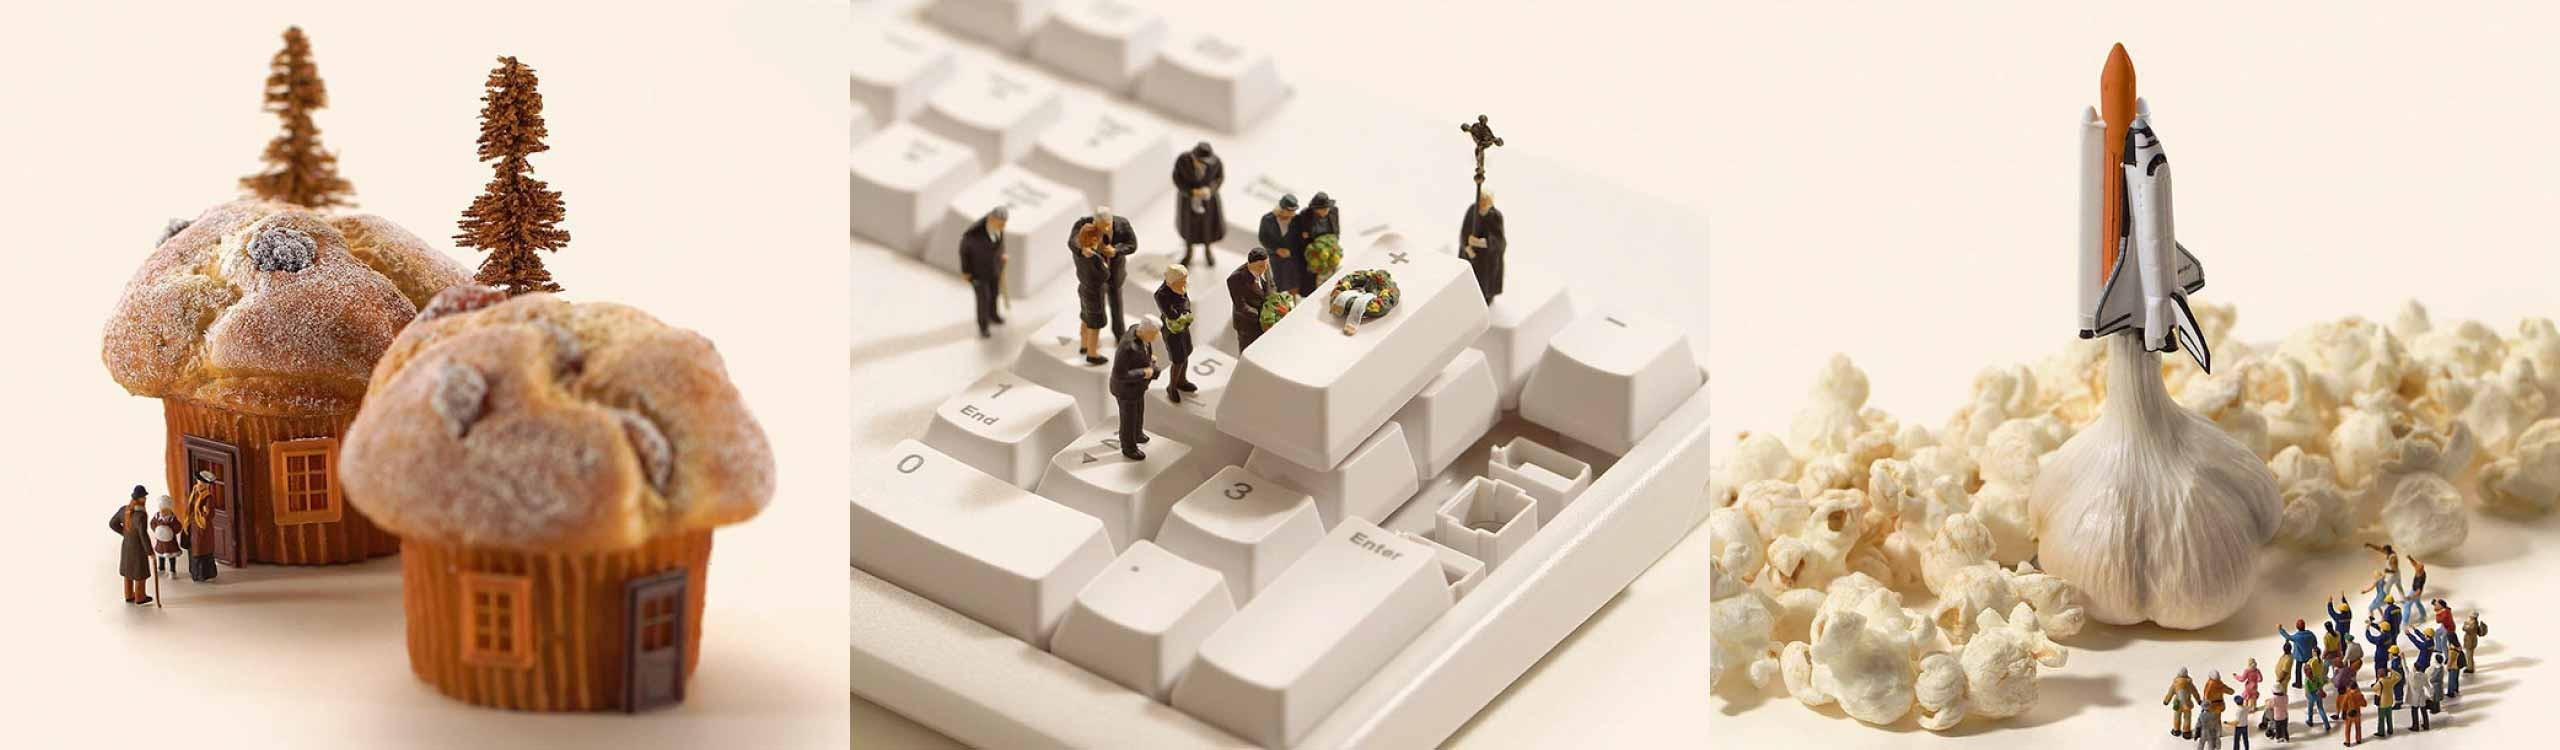 miniature calendar, un calendario lleno de fotos de miniaturas divertidísimas